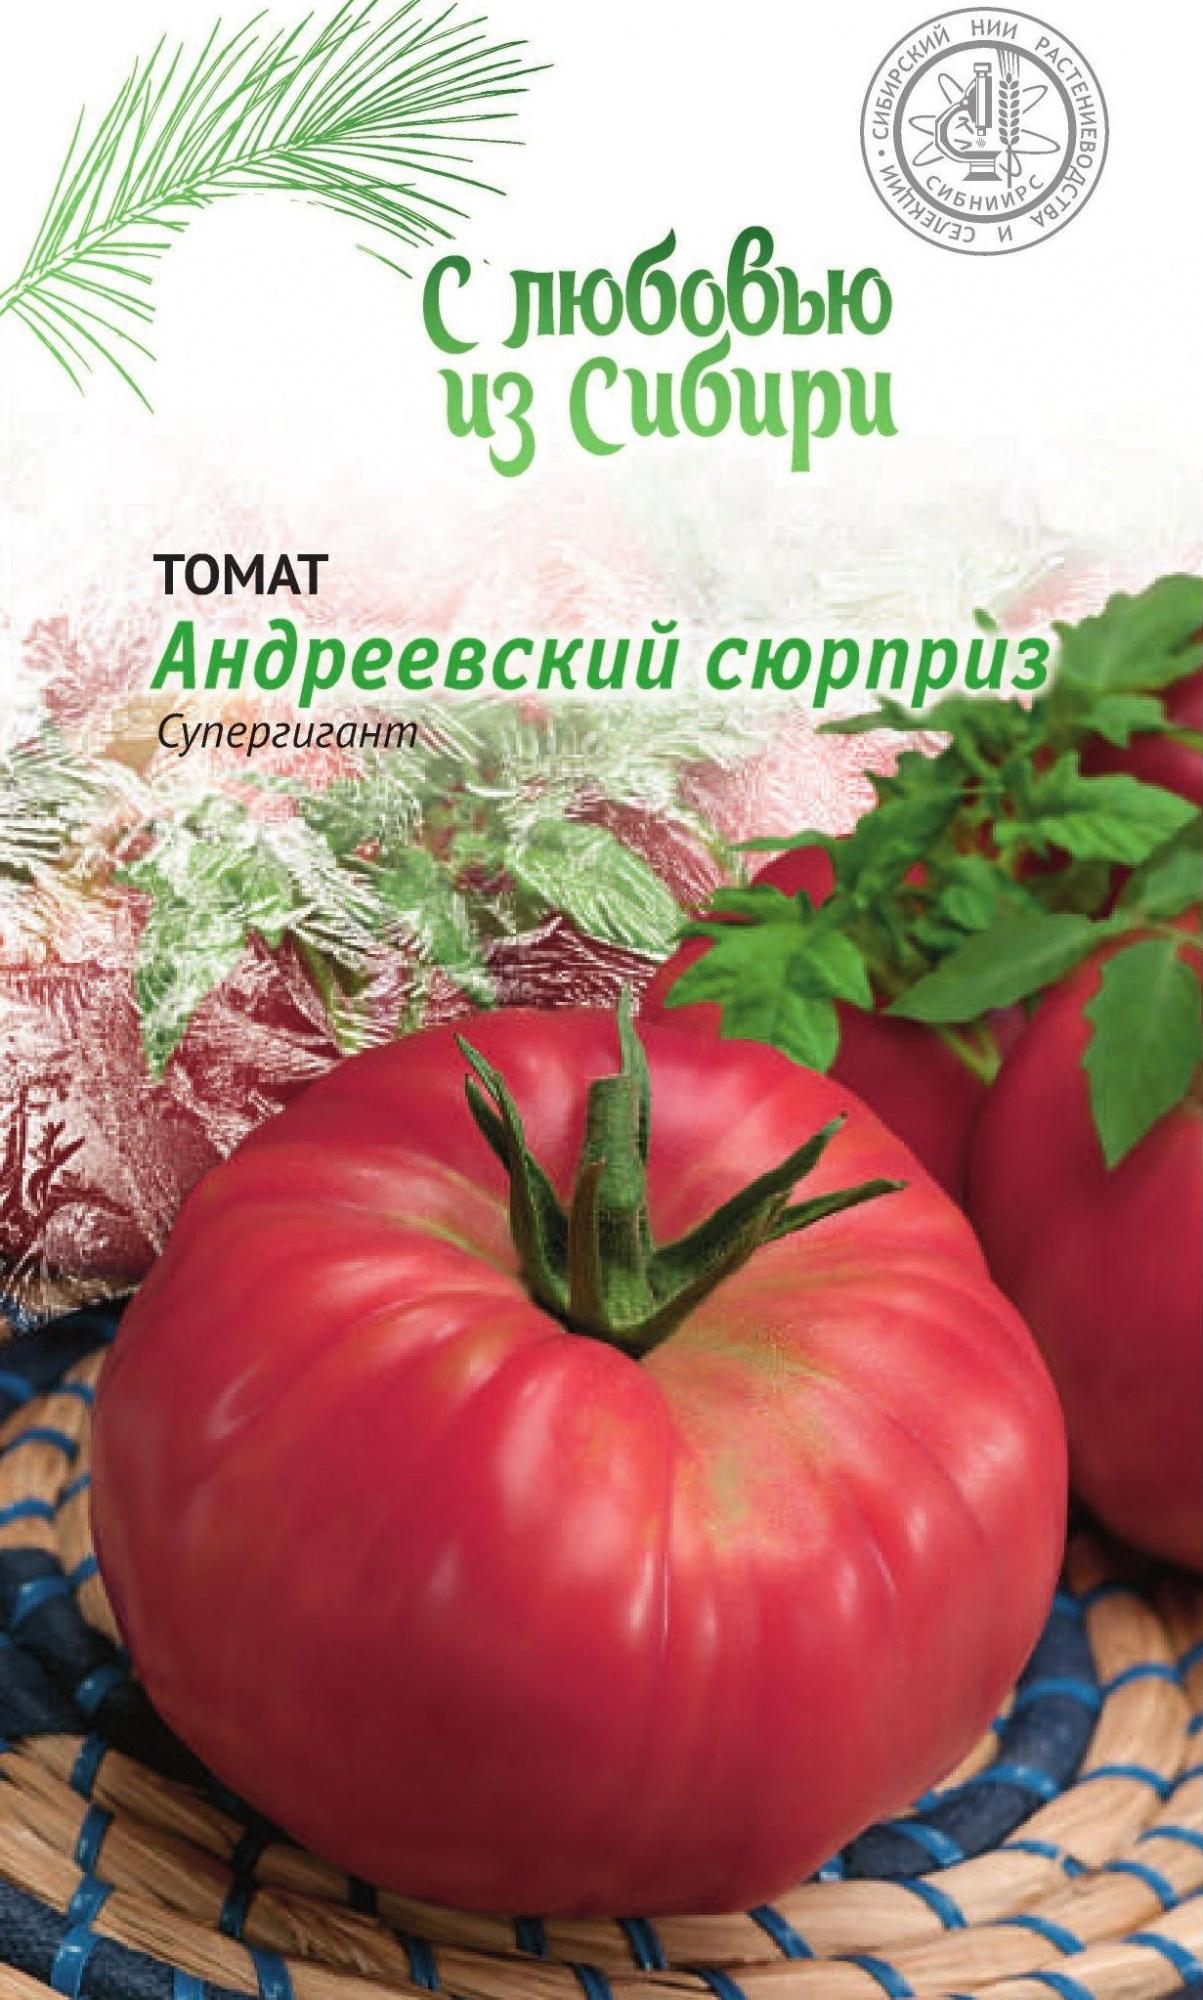 Томат андреевский сюрприз: описание сорта, фото, отзывы, характеристика, урожайность